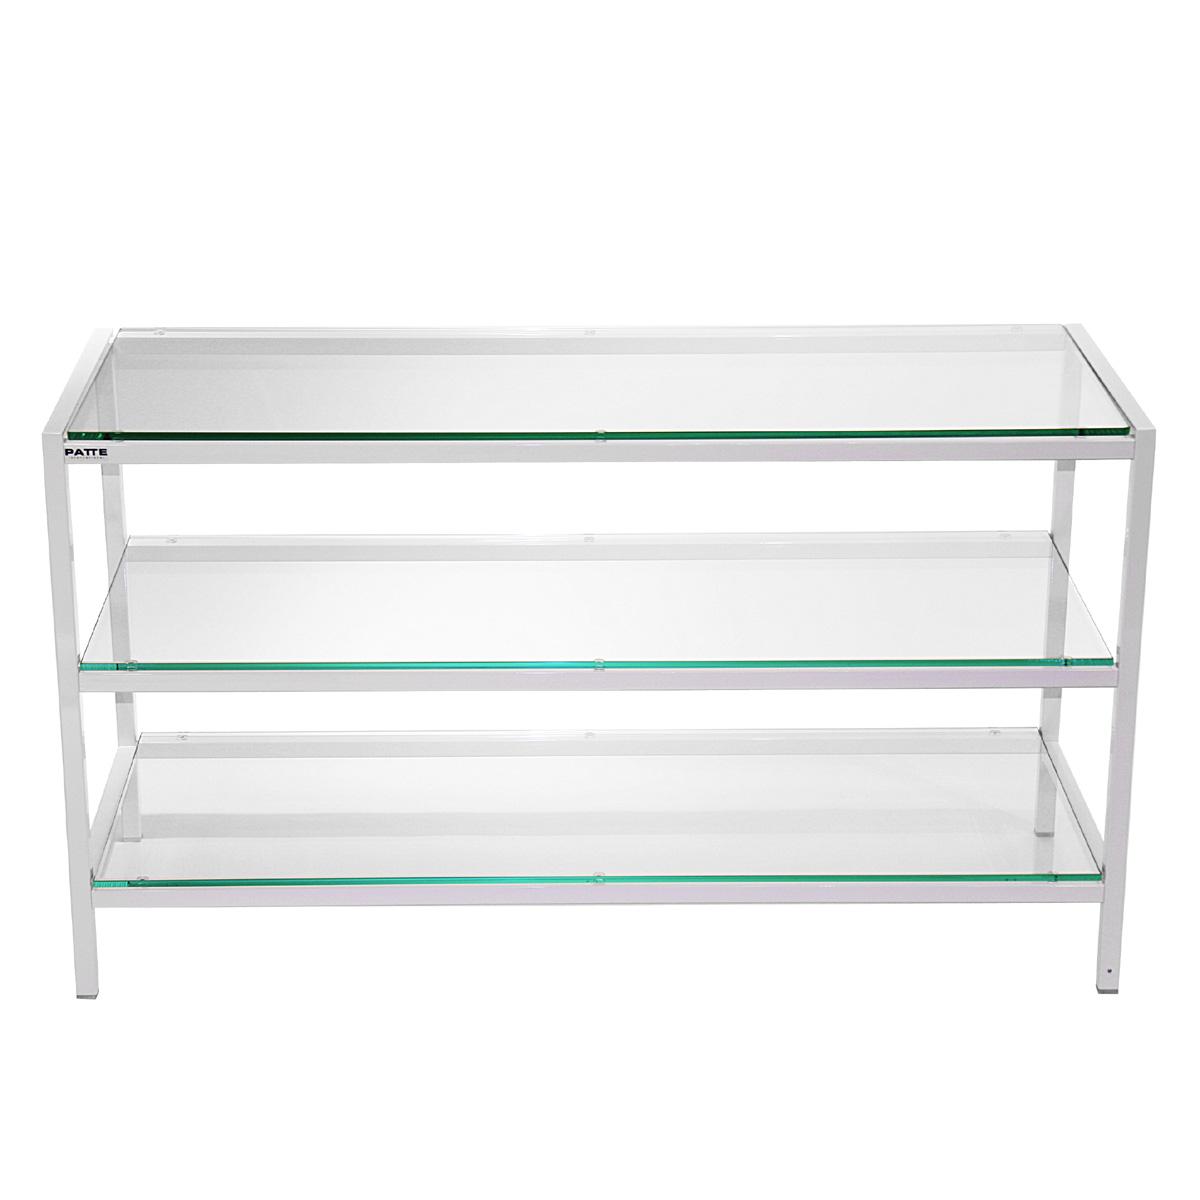 Hifi TV Regal. 104,5x59x40 cm (BxHxT). Rollbar mit 3 Fachböden aus Glas. Rahmen aus Stahl. Modell Move 4 You Typ C 2 von Patte International.